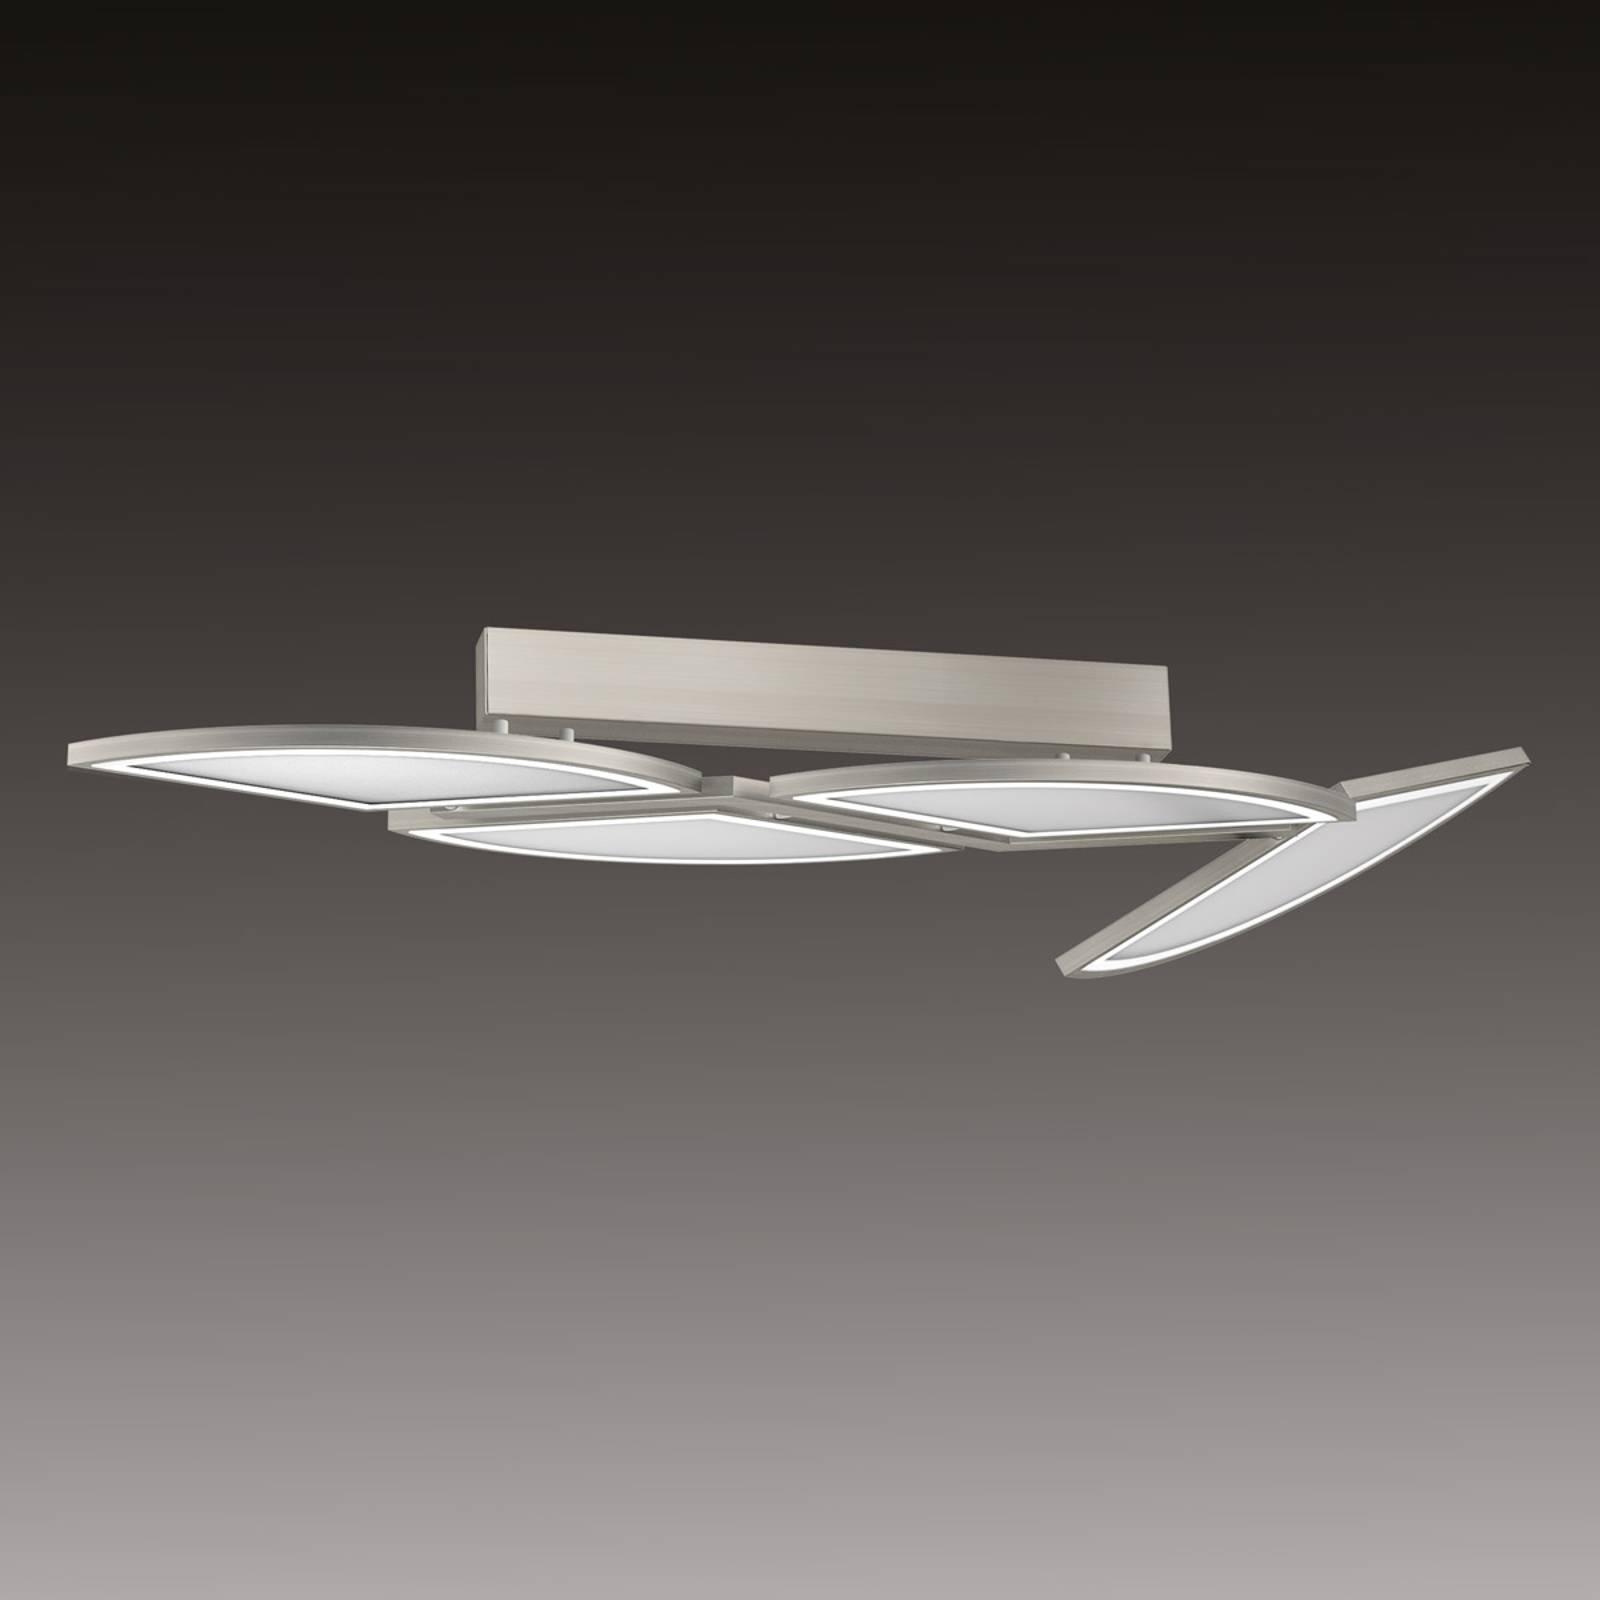 Movil - LED-Deckenleuchte mit 4 Lichtsegmenten